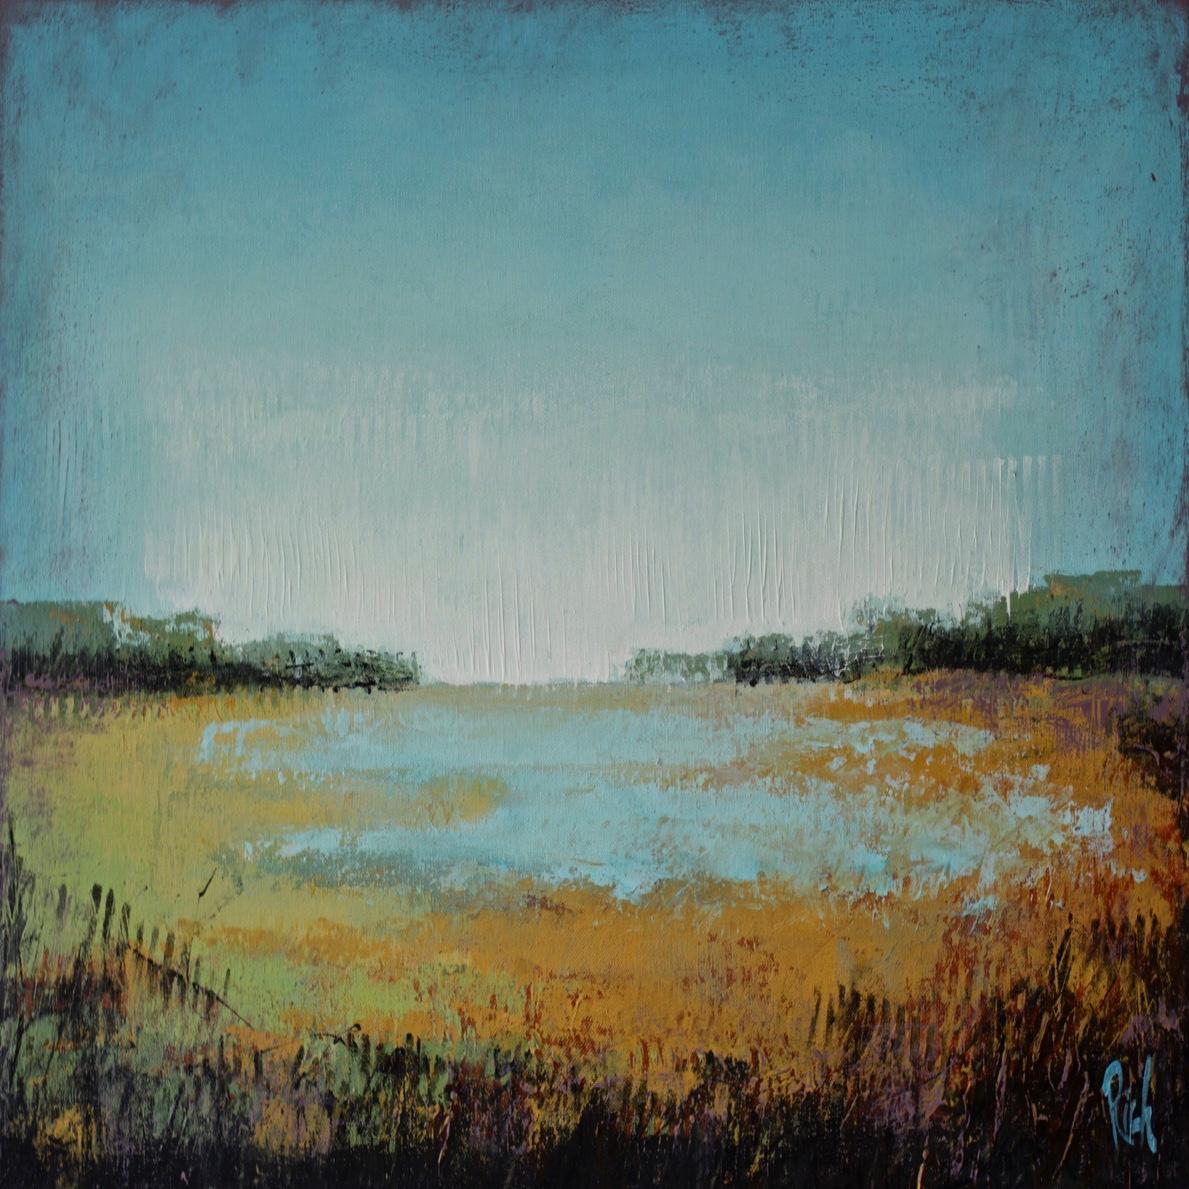 Acrylic on canvas 36x36